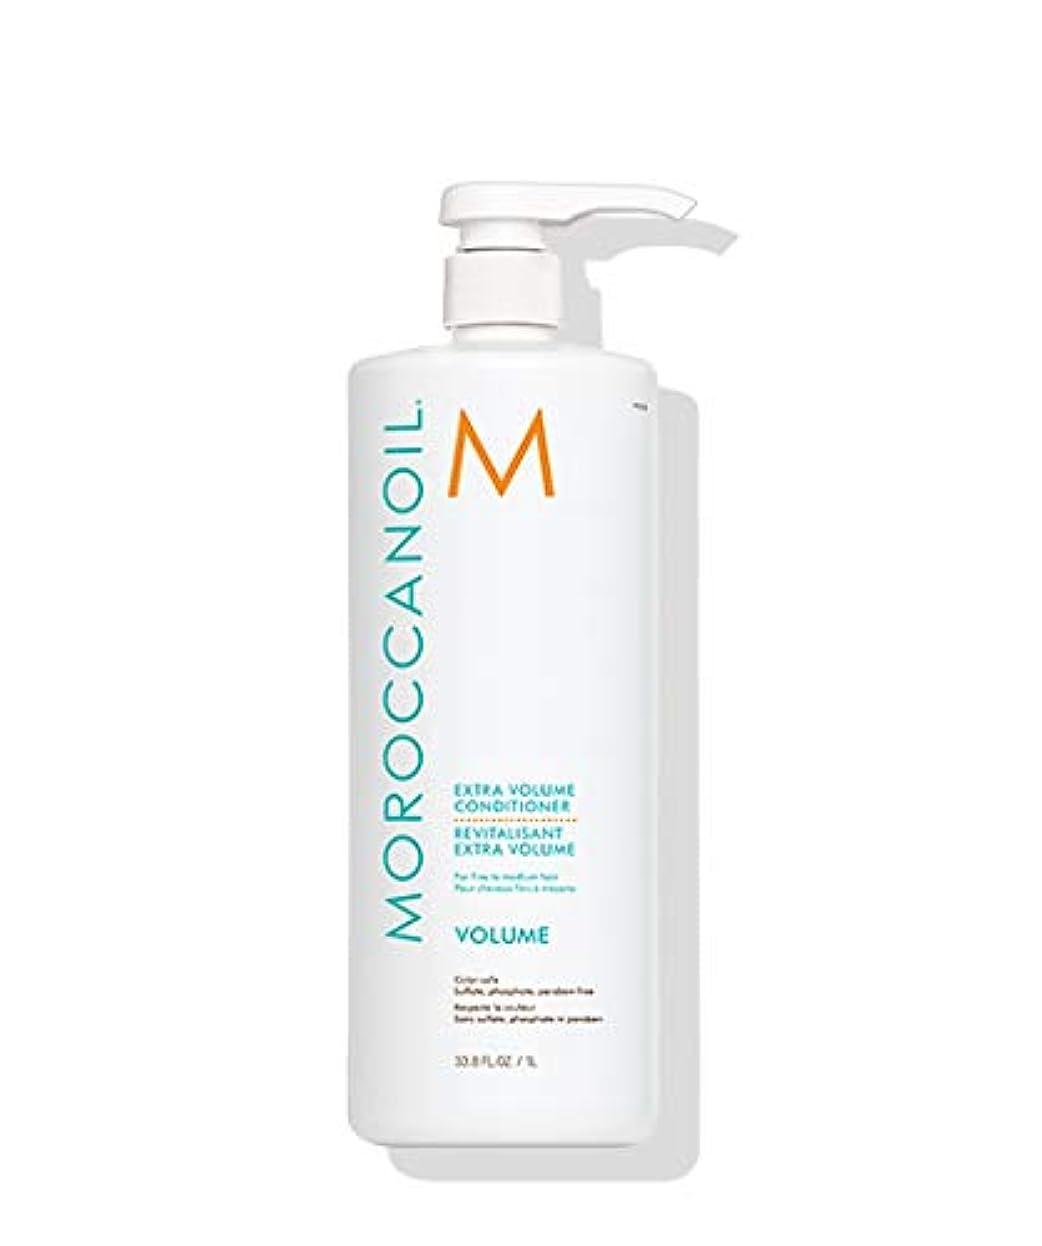 モロッカンオイル(MOROCCANOIL) モロッカンオイル エクストラ ボリューム コンディショナー 1000ml/33.8oz[並行輸入品]